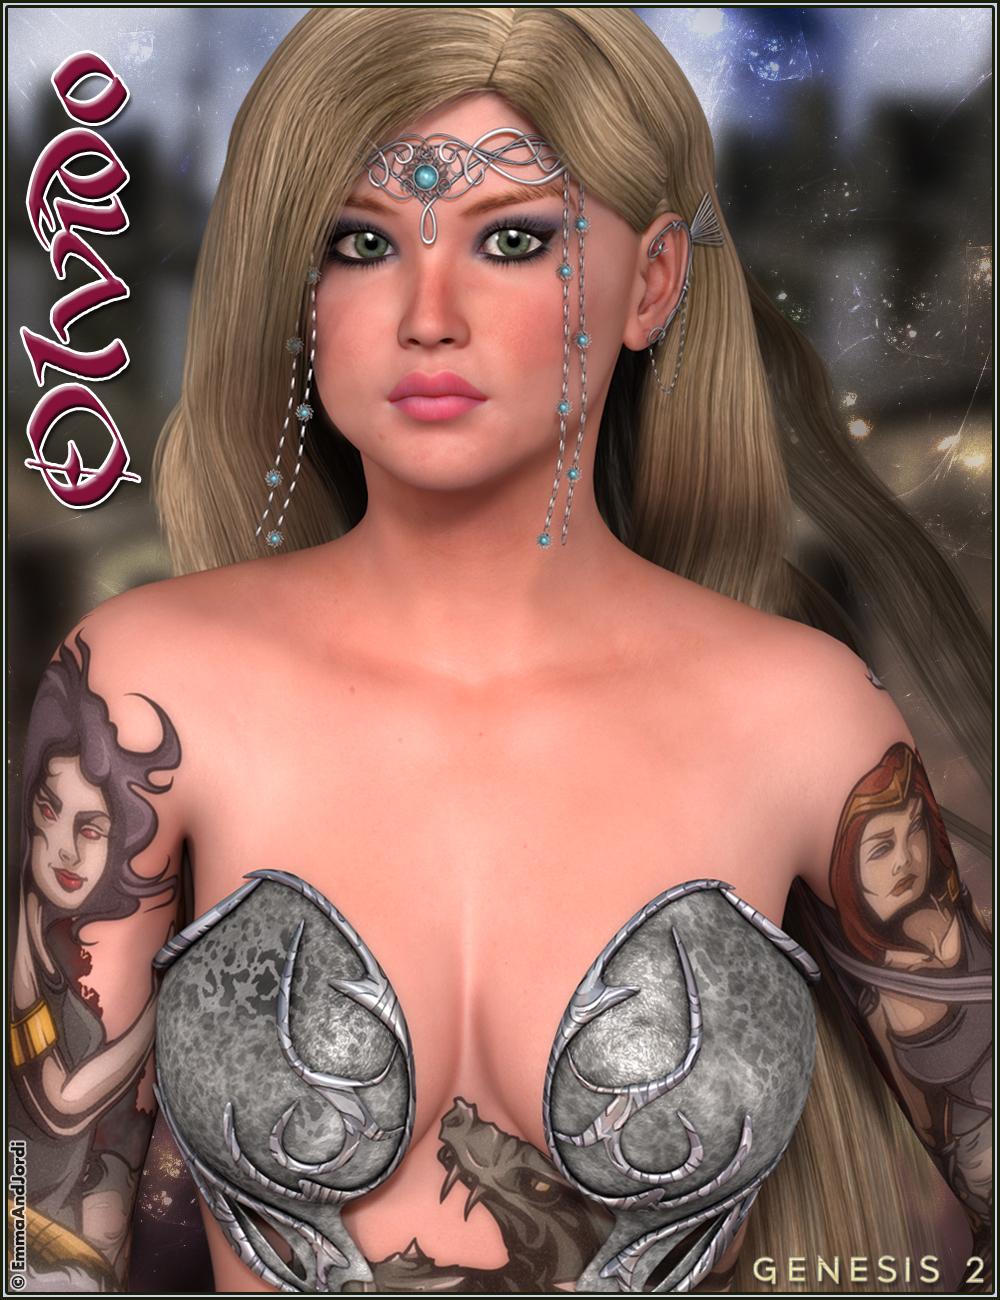 EJ Olvido by: EmmaAndJordi, 3D Models by Daz 3D